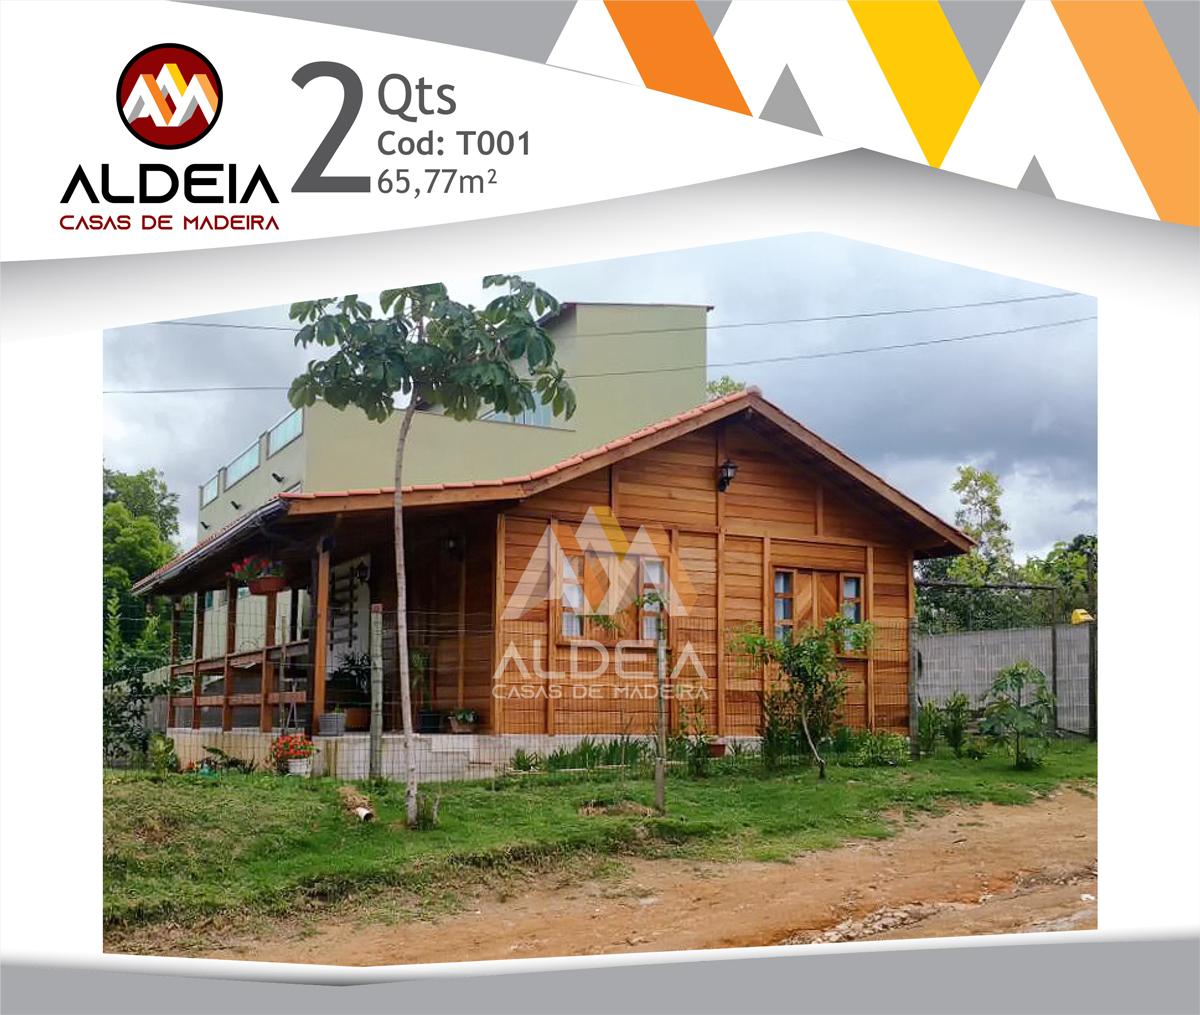 aldeia-casas-madeira-fachada-T001